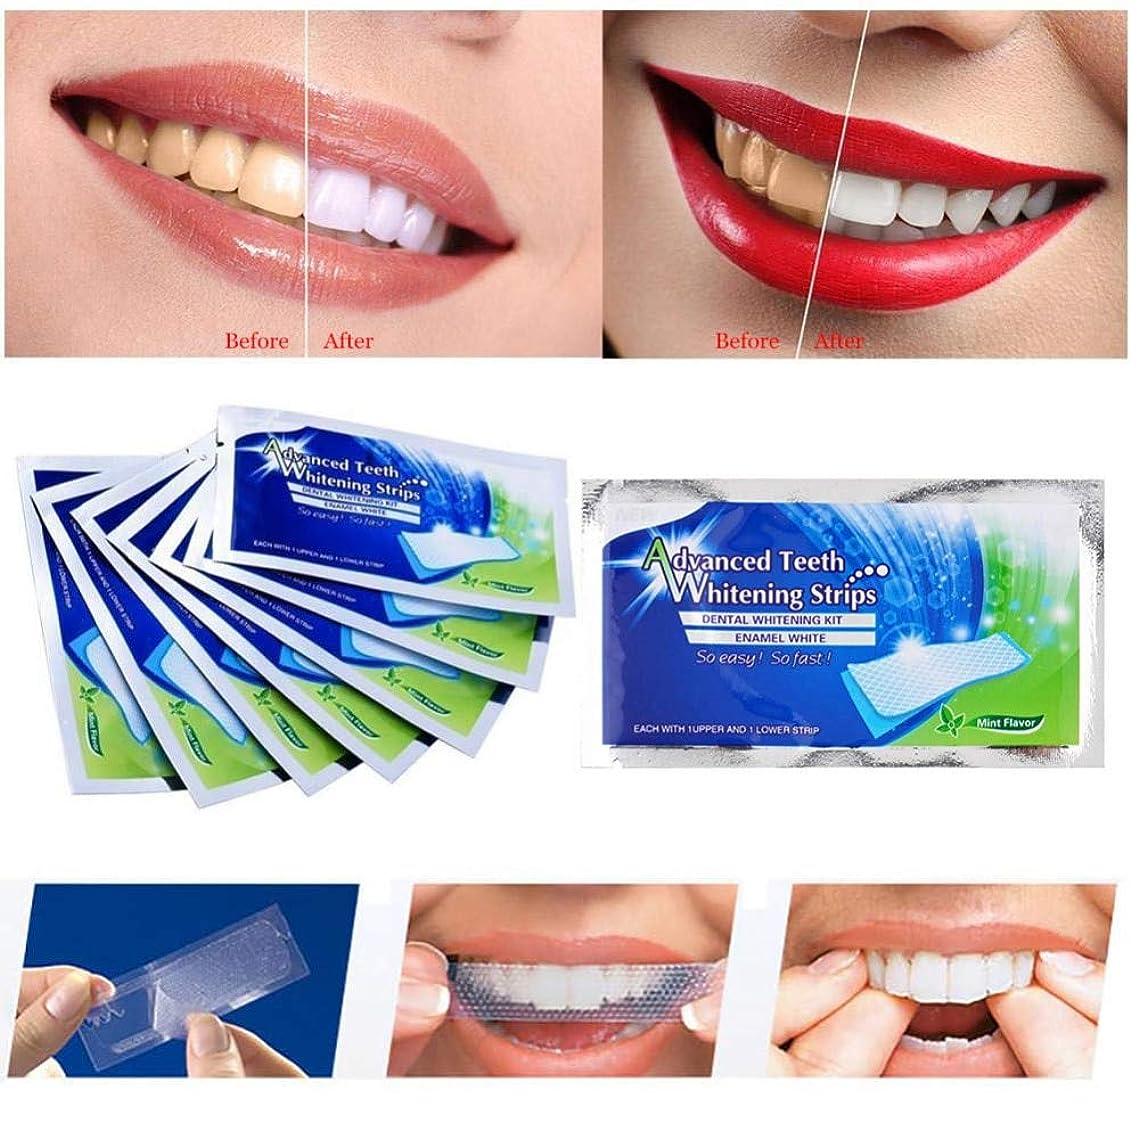 疑問に思うルーチンサーバント(最高の品質と価格)20pcs(10bag)歯ホワイトニングストリップ歯科治療用の完璧なツール (Best Quality and Price) 20pcs (10bag) Teeth Whitening Strips Perfect Tool for dental care